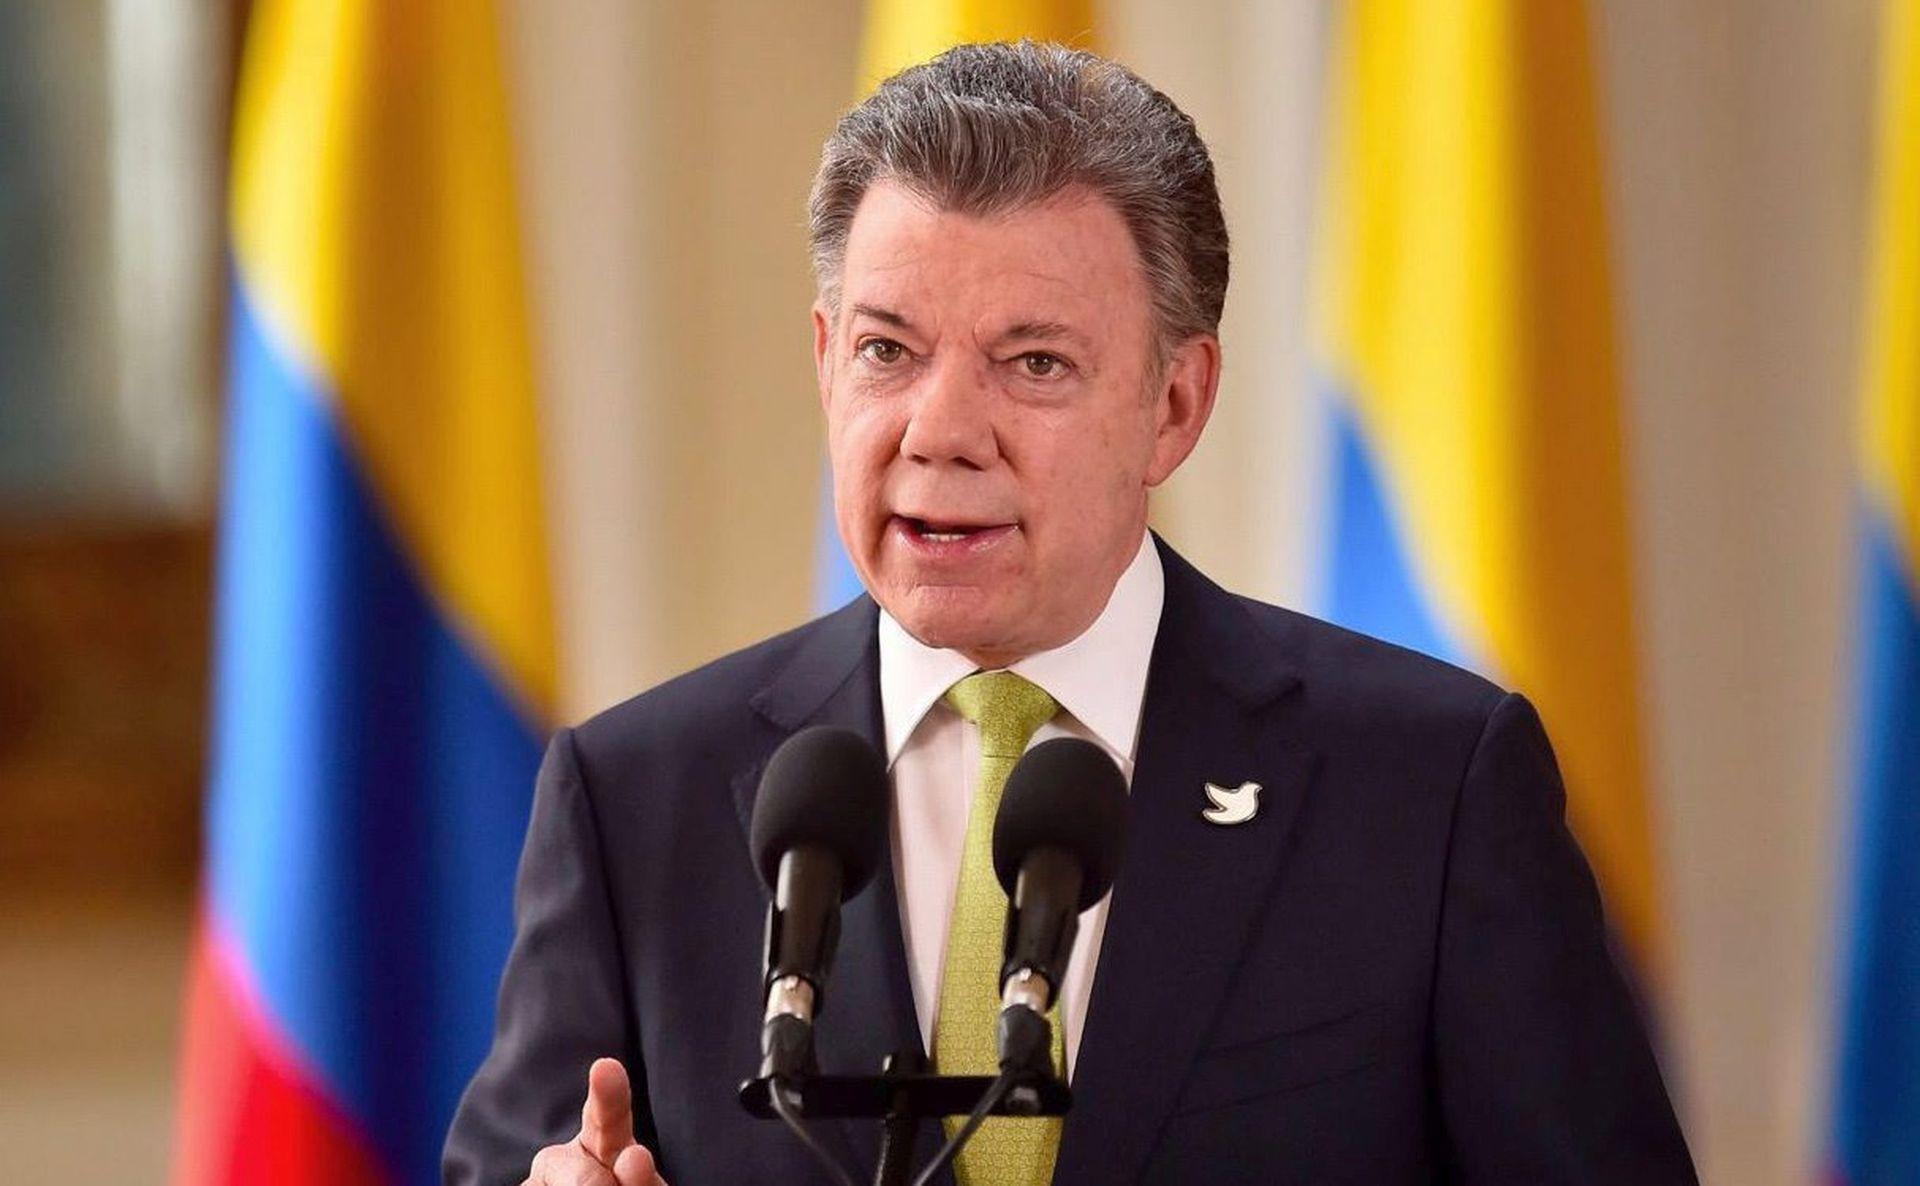 MIROVNI PREGOVORI: Kolumbija blizu završetka rata s gerilskim skupinama